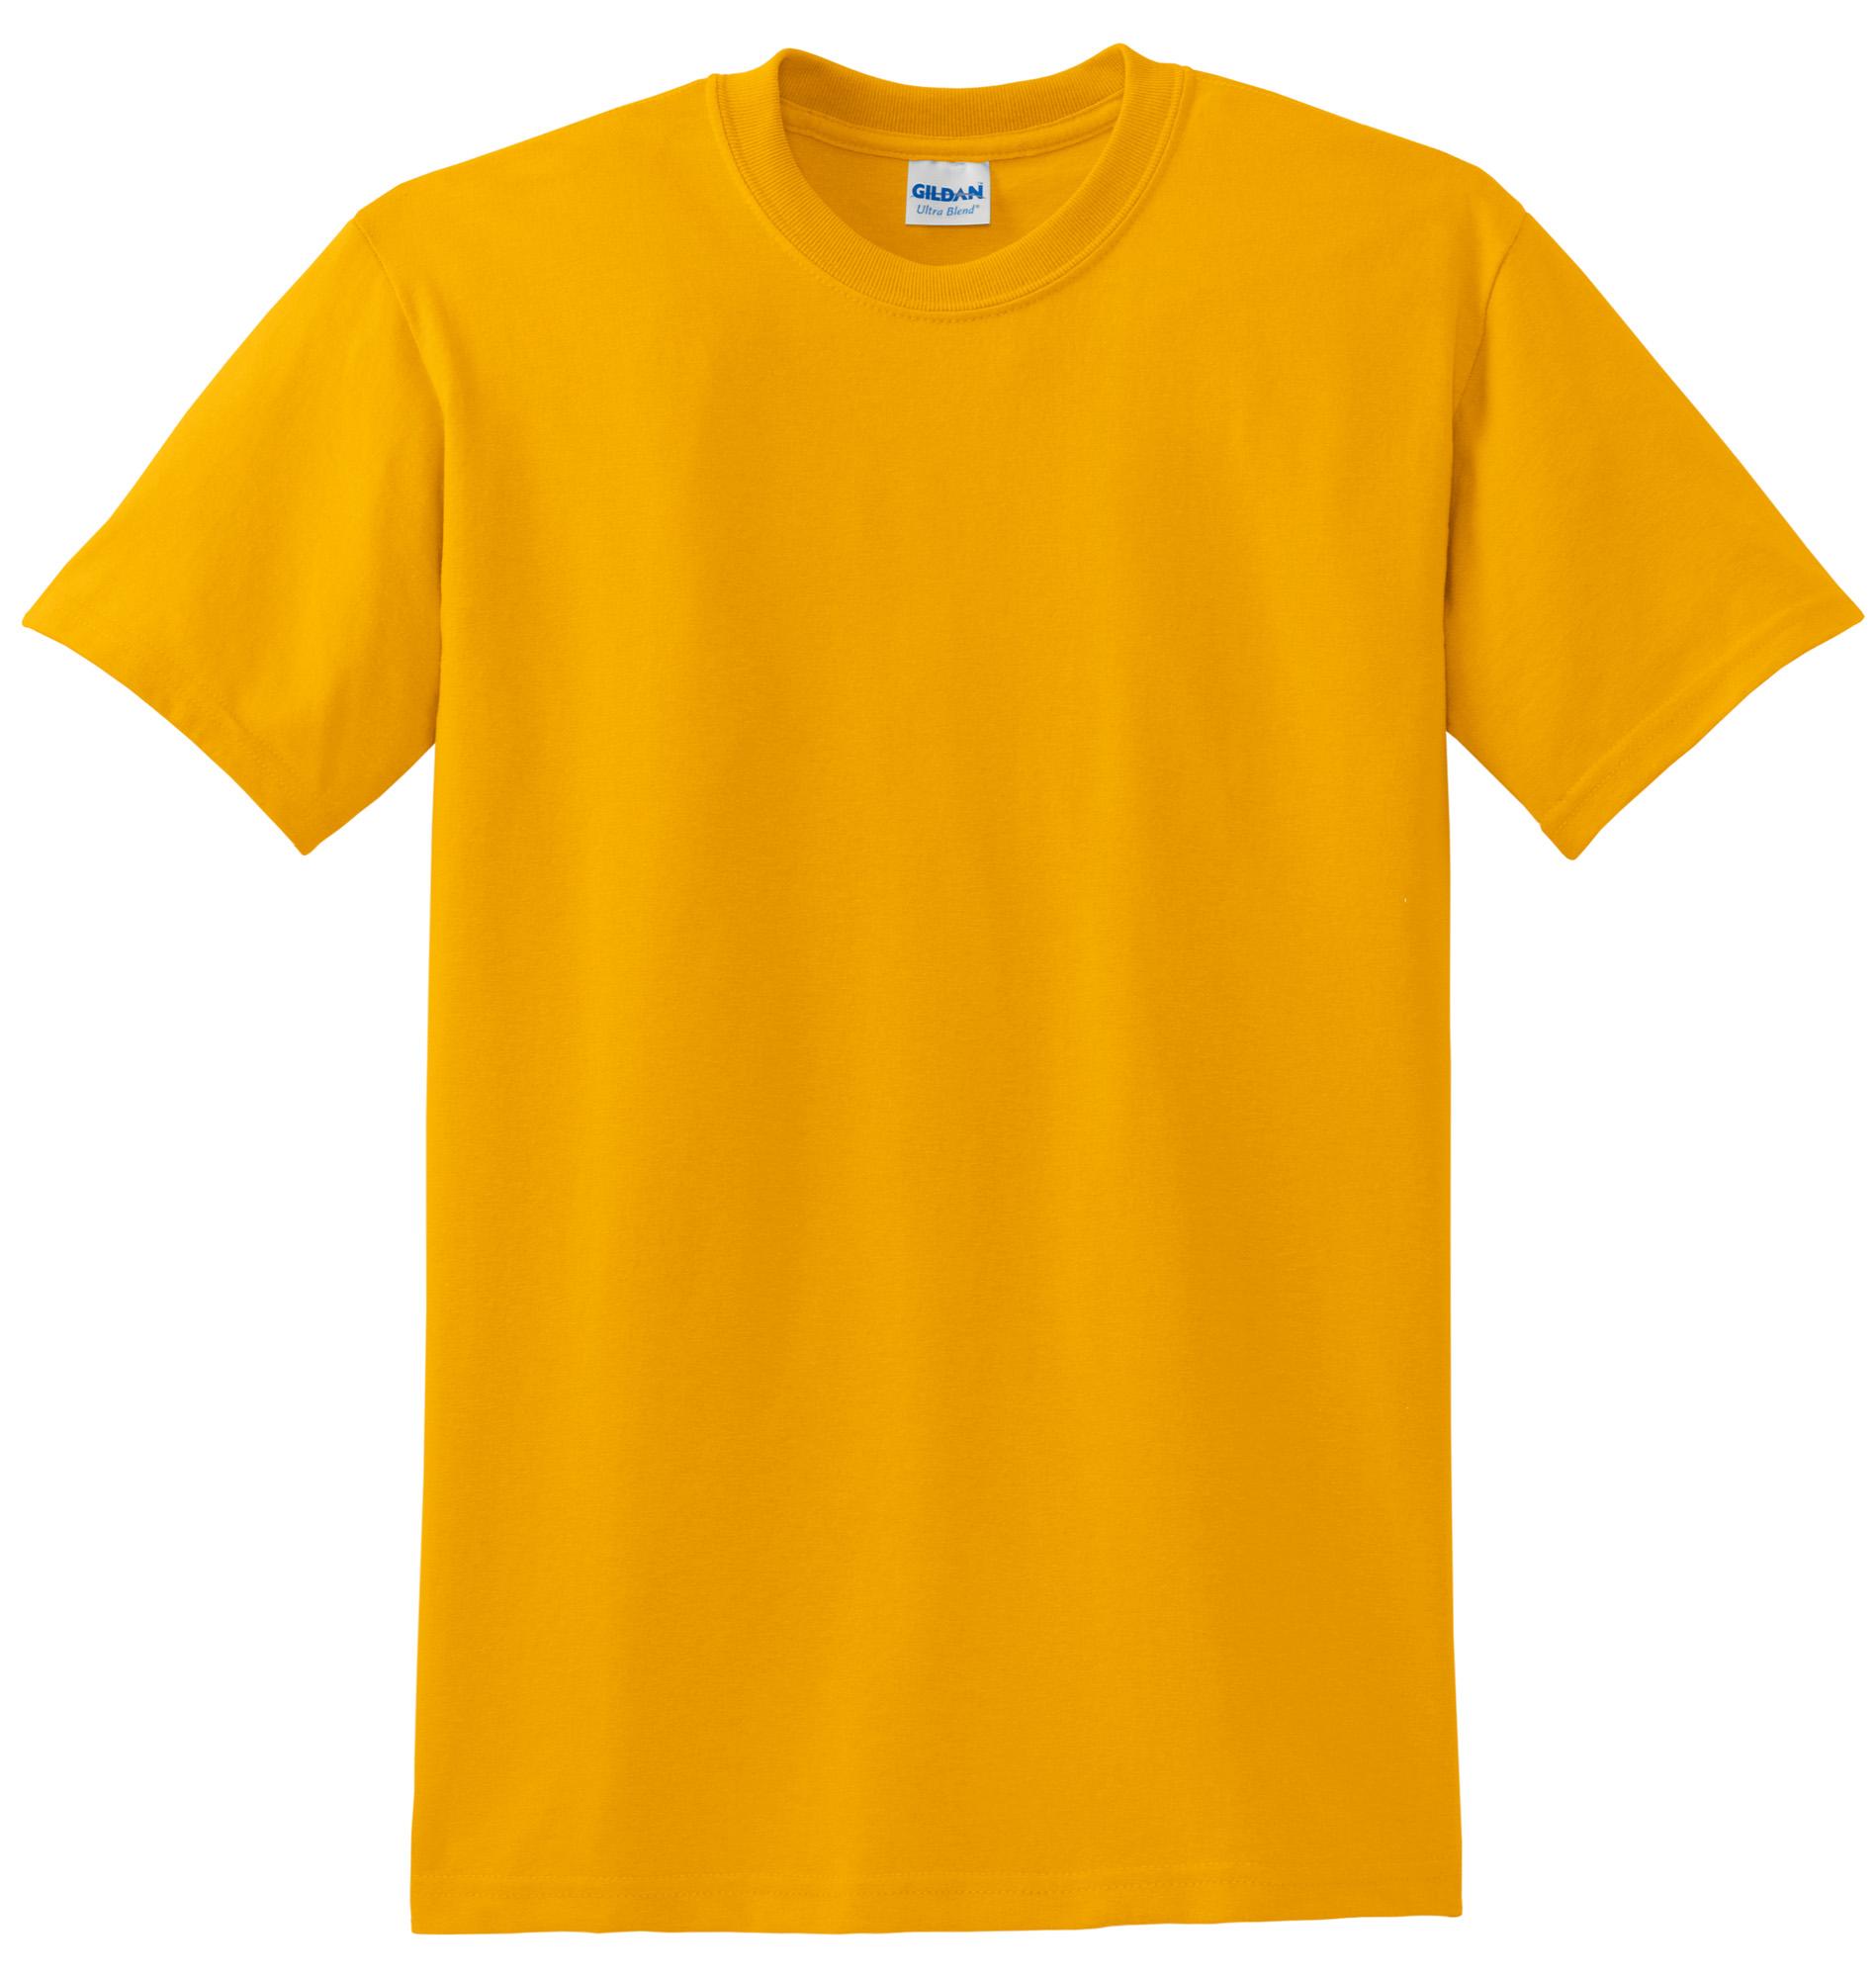 Plain blue t shirts for men